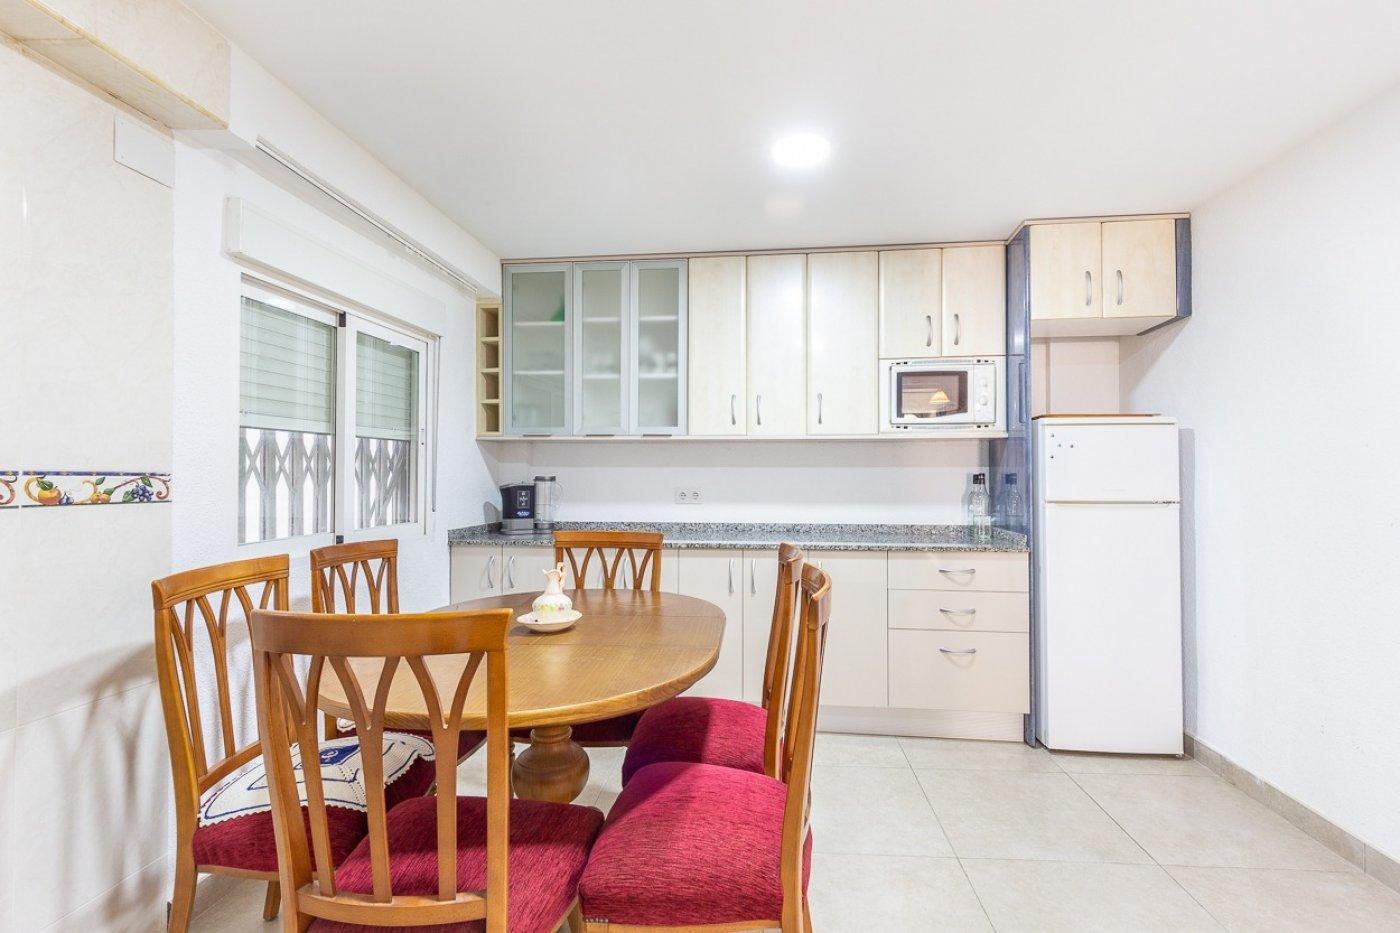 Piso de 2 dormitorios (3 de origen), en pleno centro de Benidorm. A 500 metros de la playa. 21